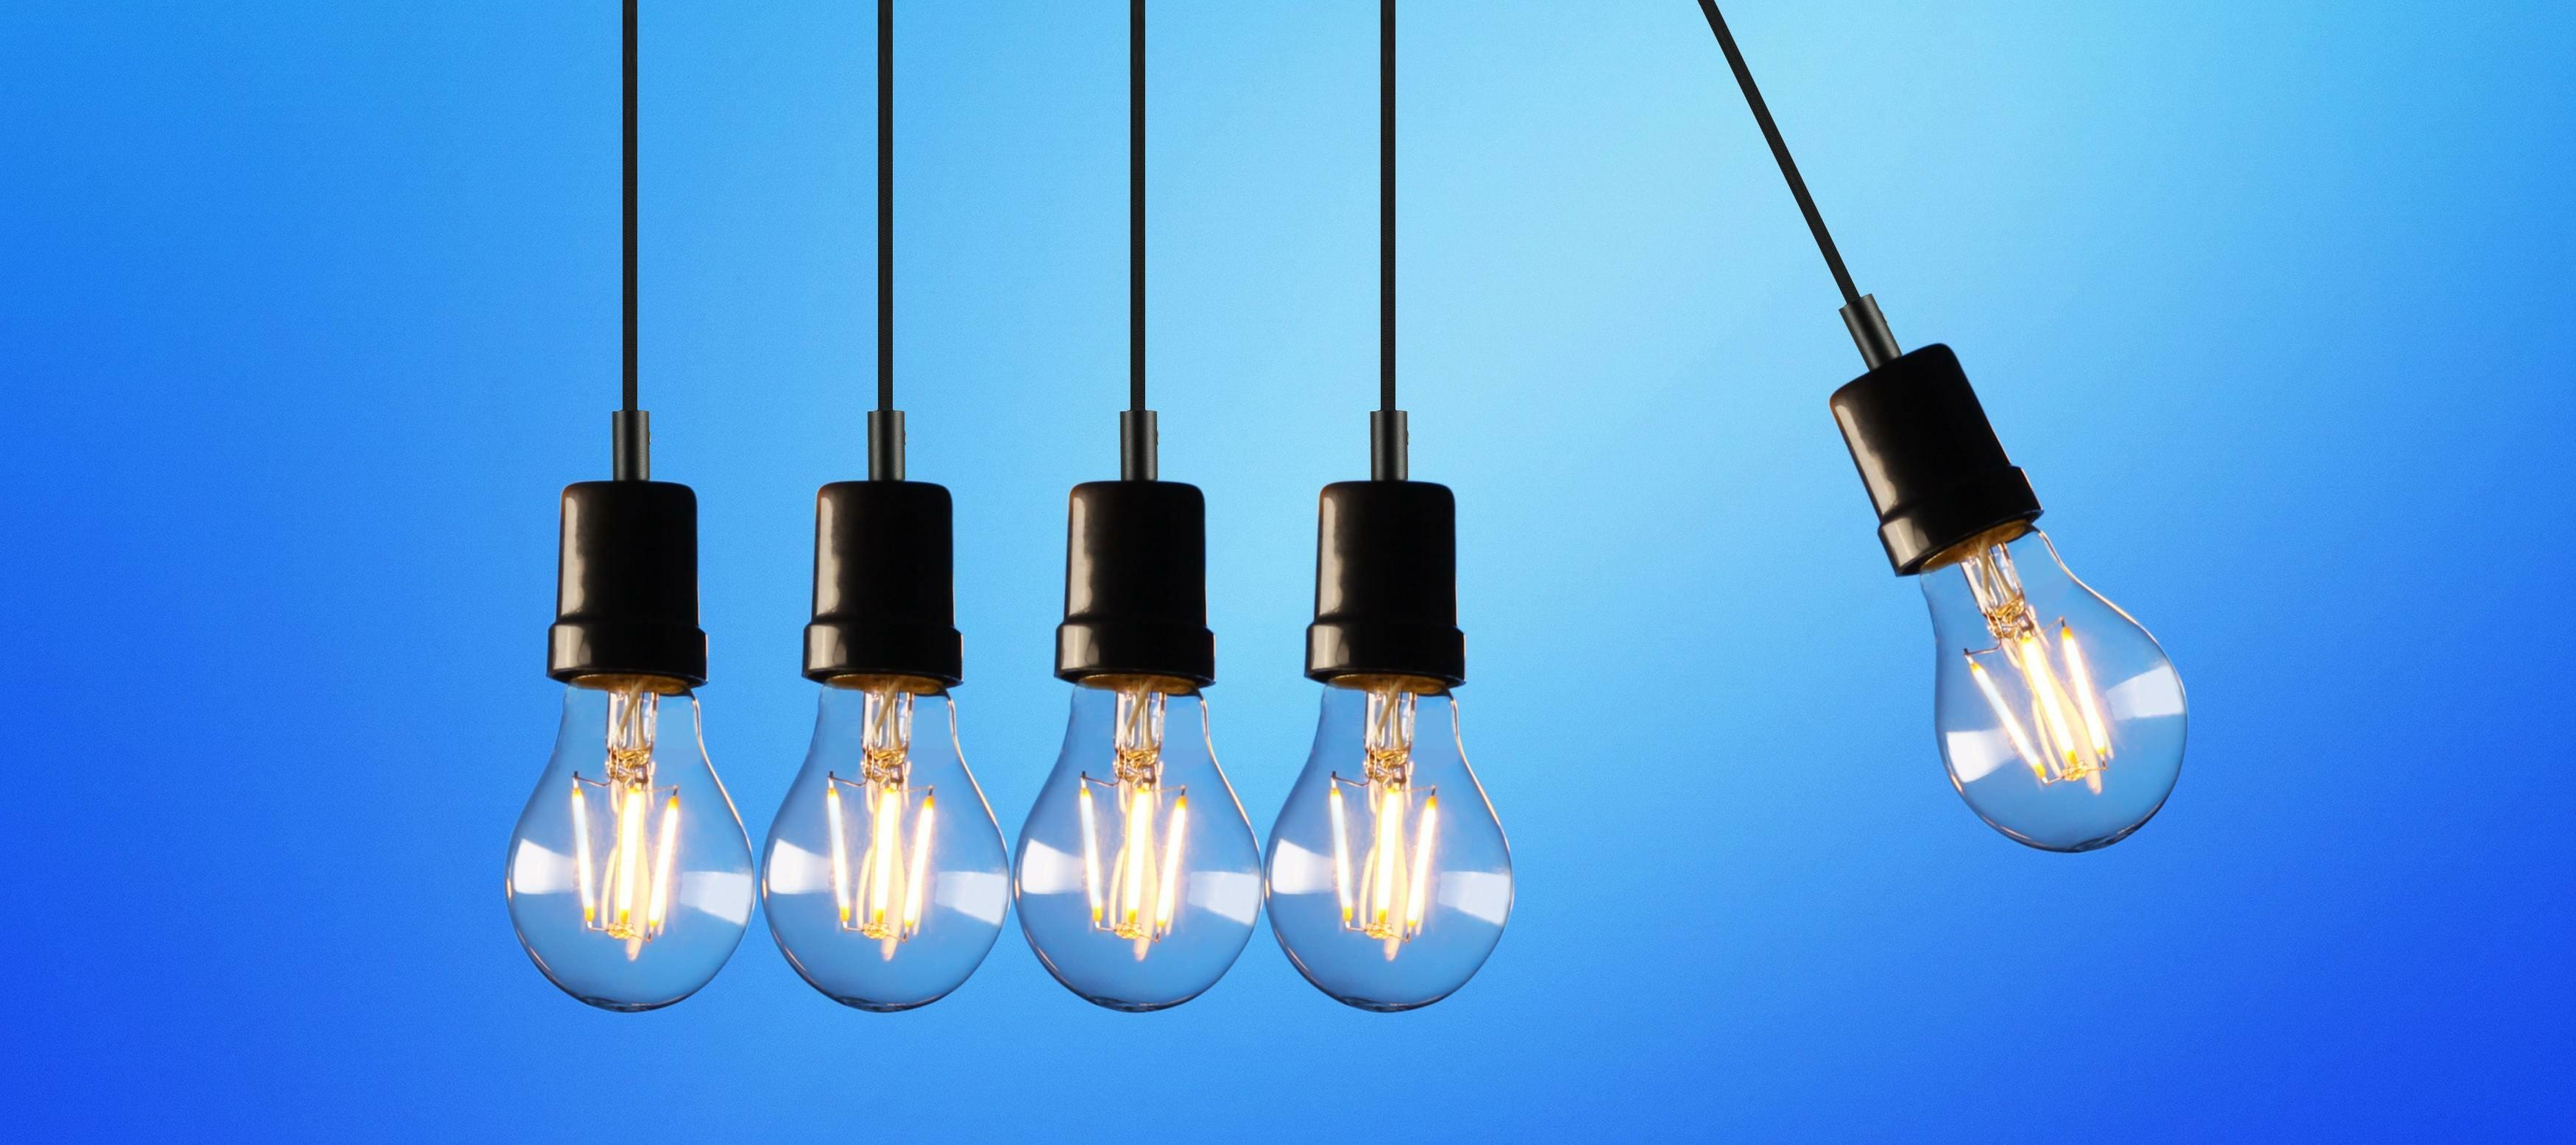 Welk van deze tips van Het Parool hanteren jullie om energie te besparen?